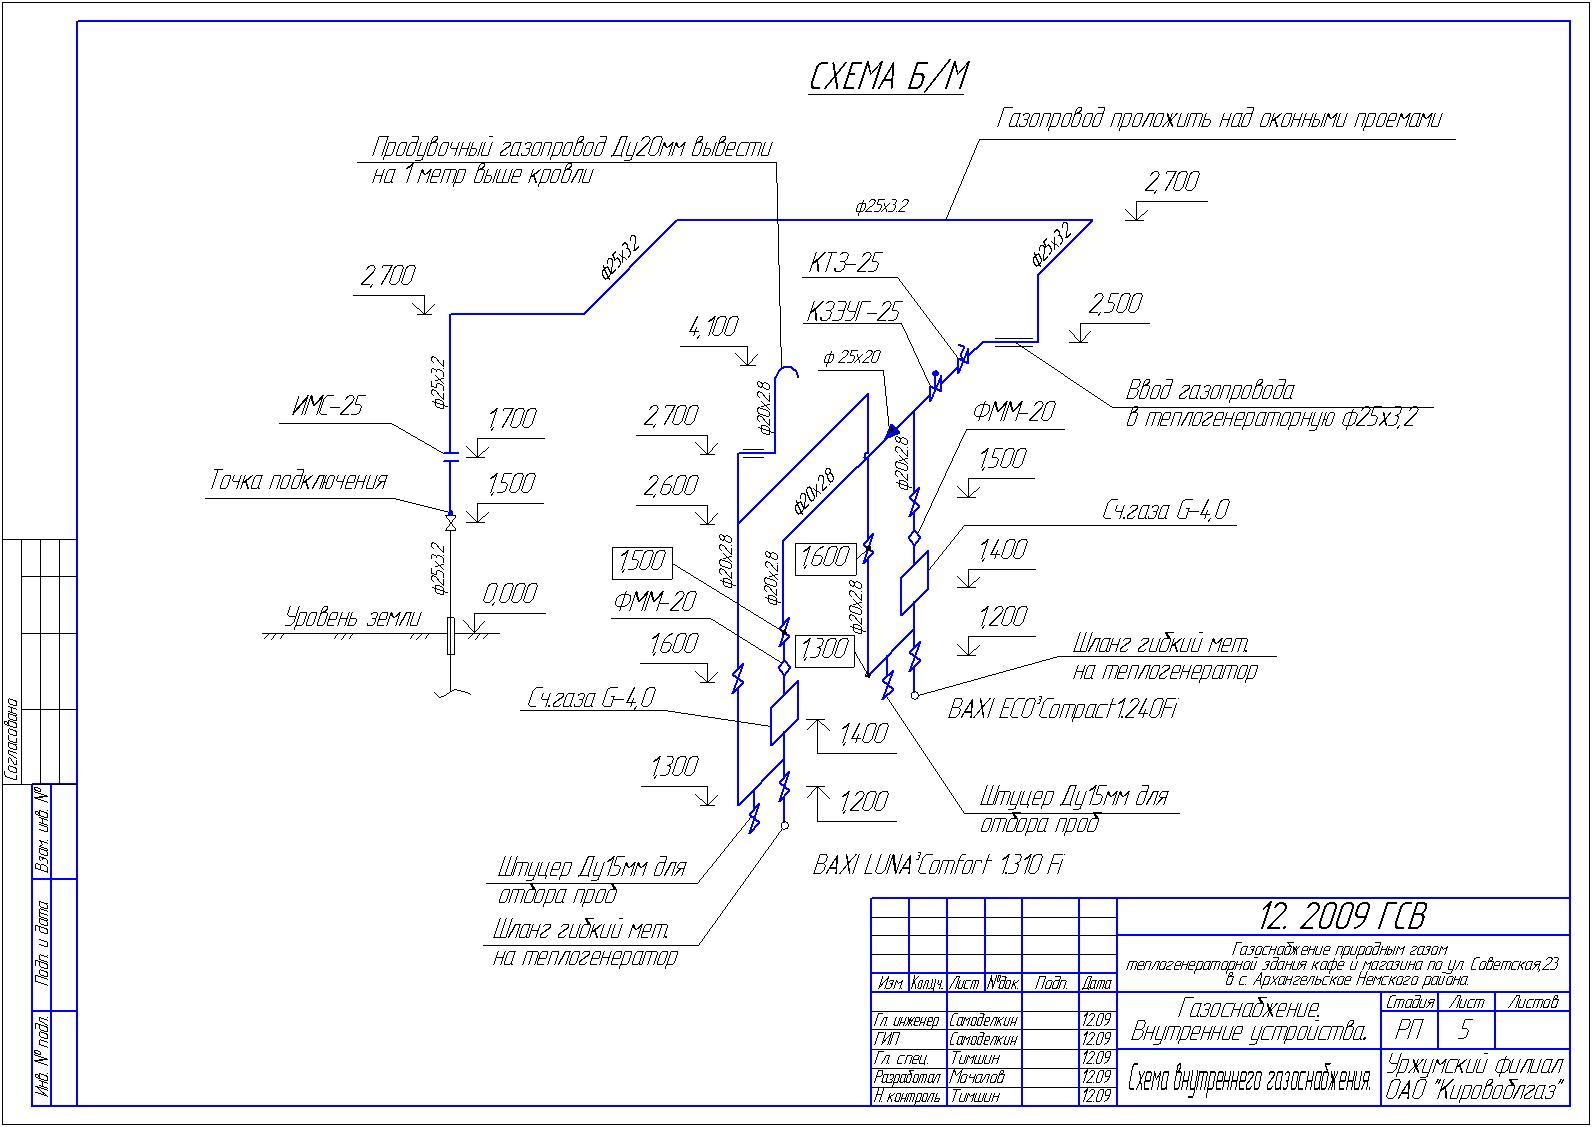 Как спроектировать газопровод: проектирование системы газоснабжения - точка j